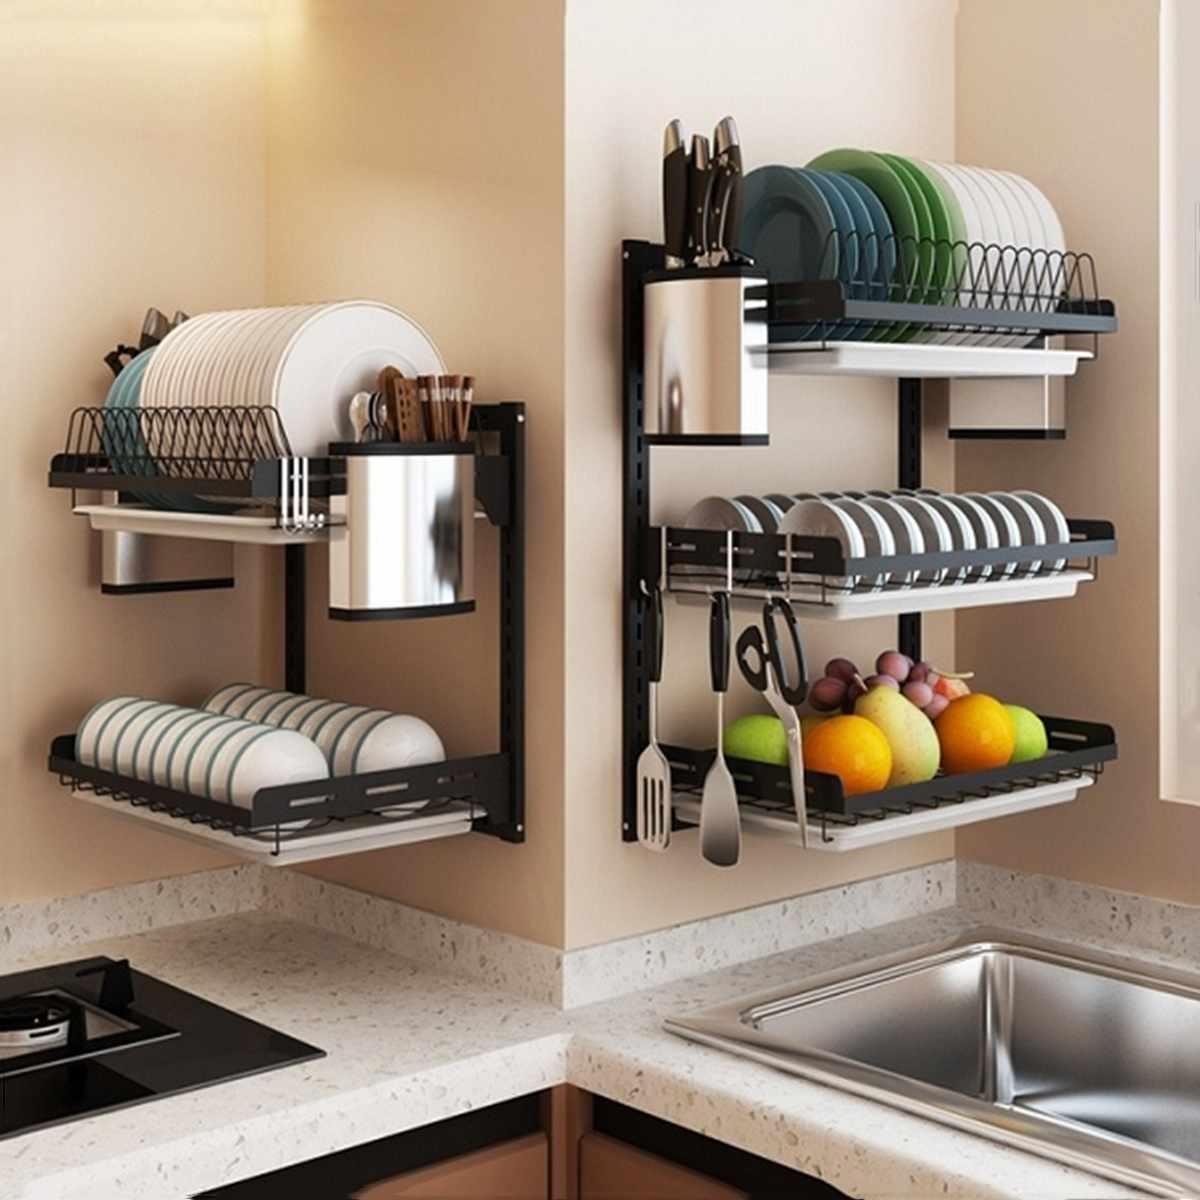 Nuevo estante de cocina de acero inoxidable 304 plato cubiertos taza escurridor de platos soporte de pared de montaje de cocina organizador de almacenamiento